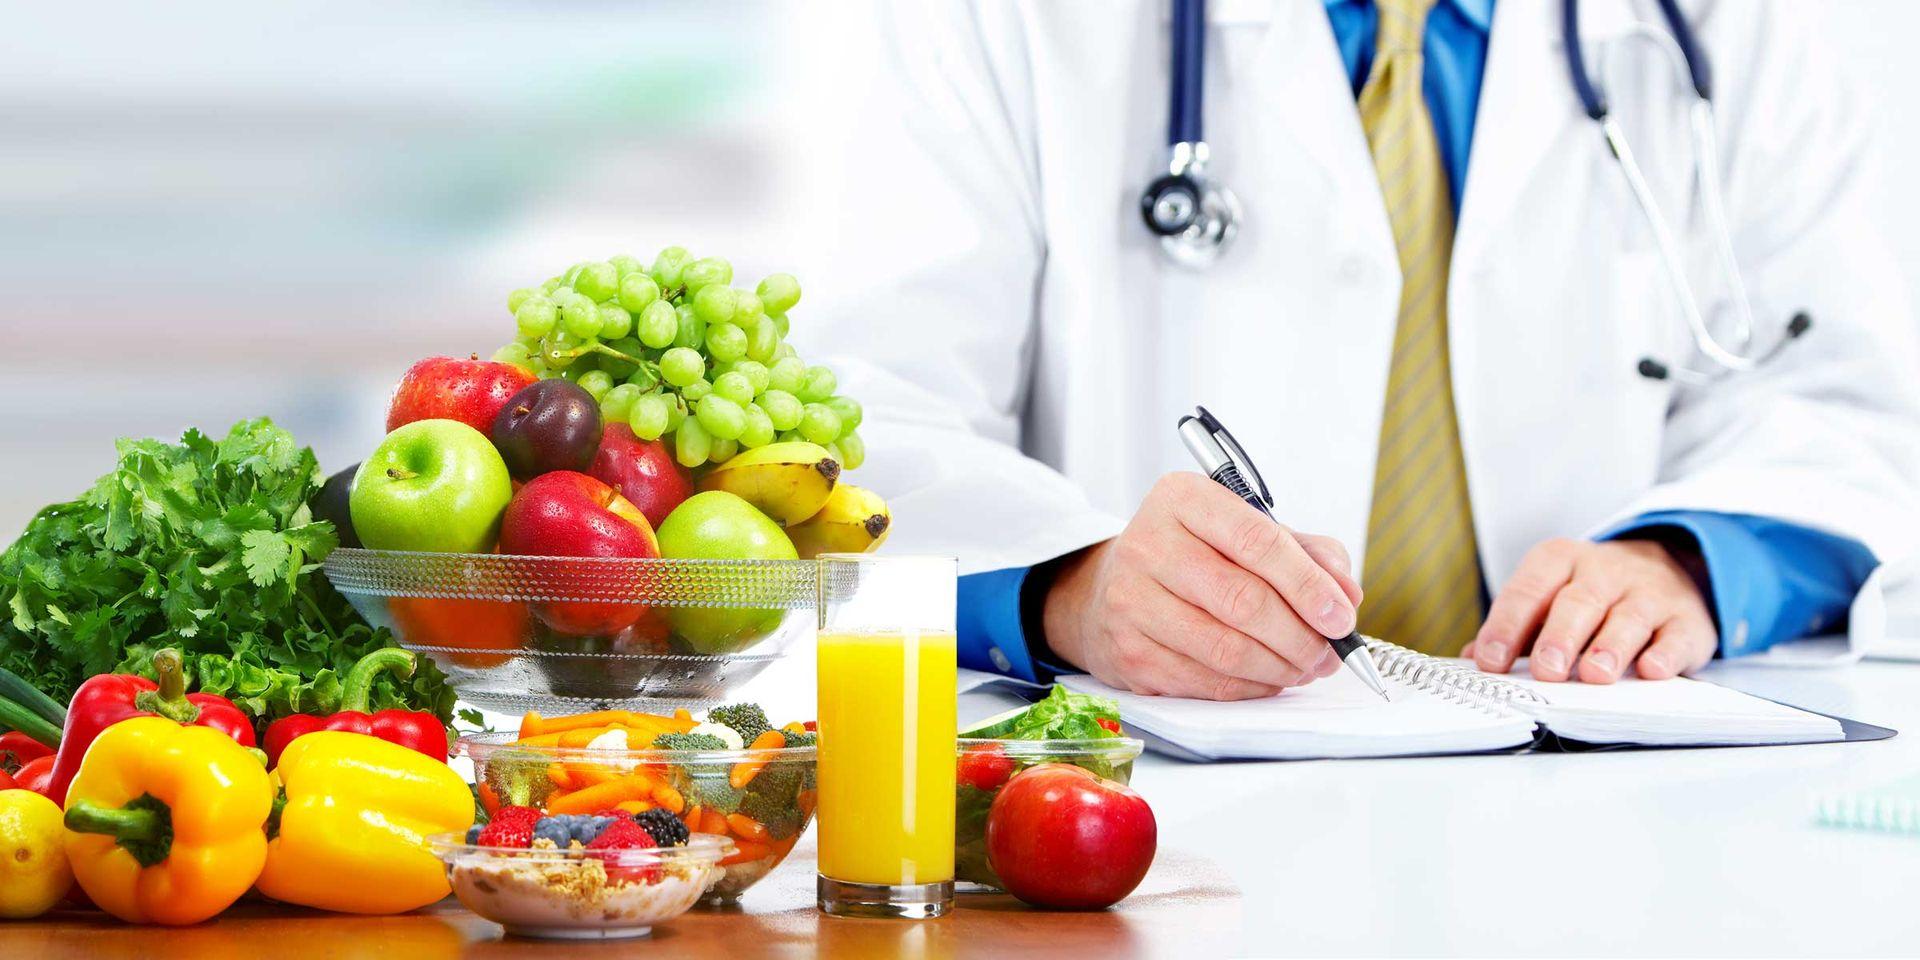 التغذية - الصحة